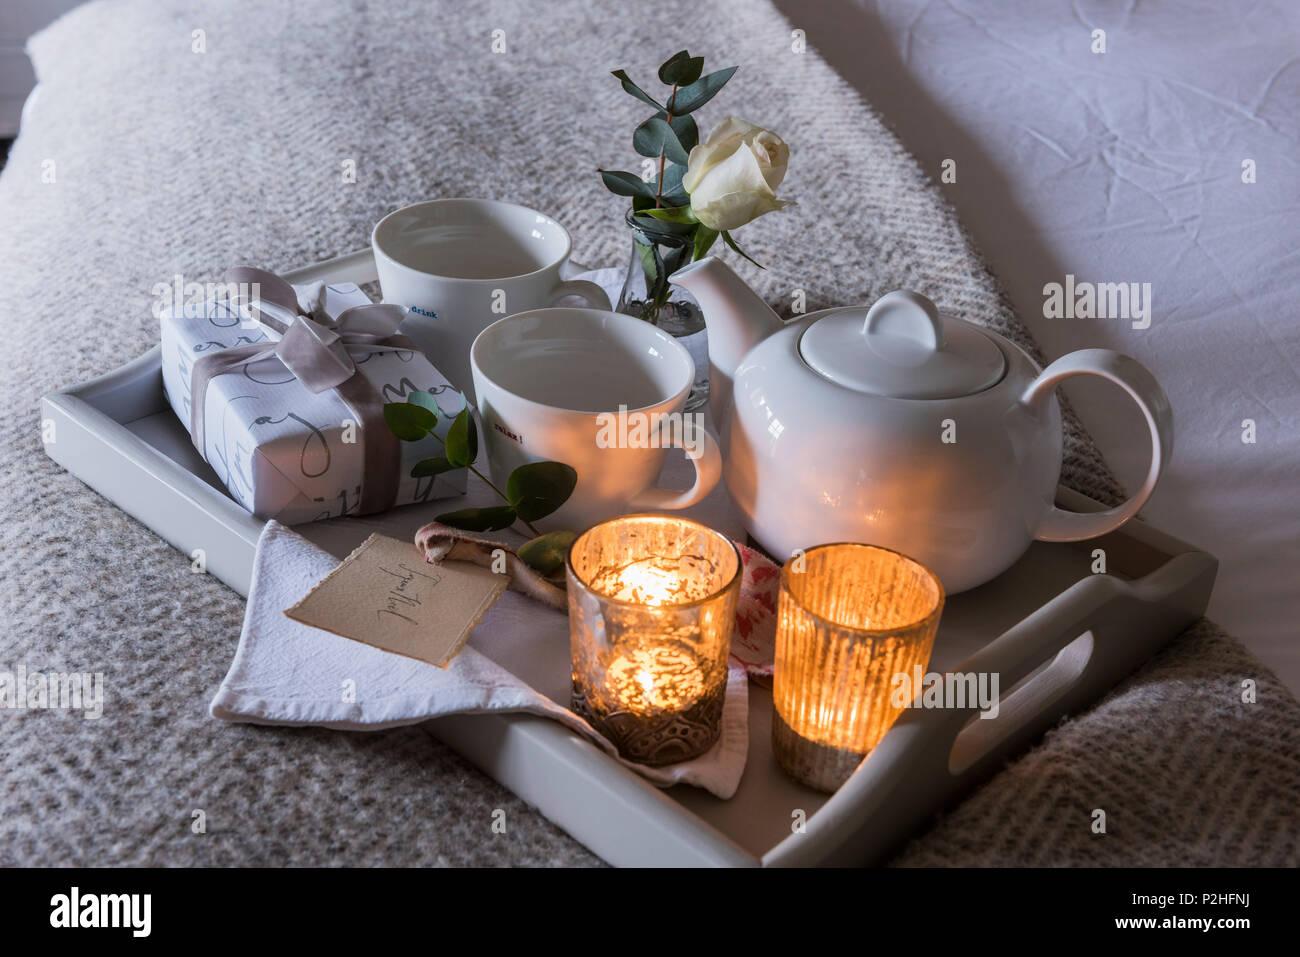 Detail von einem Teelicht beleuchtet Frühstück Tablett mit kleinen gewickelt und weiße Rose. Stockbild